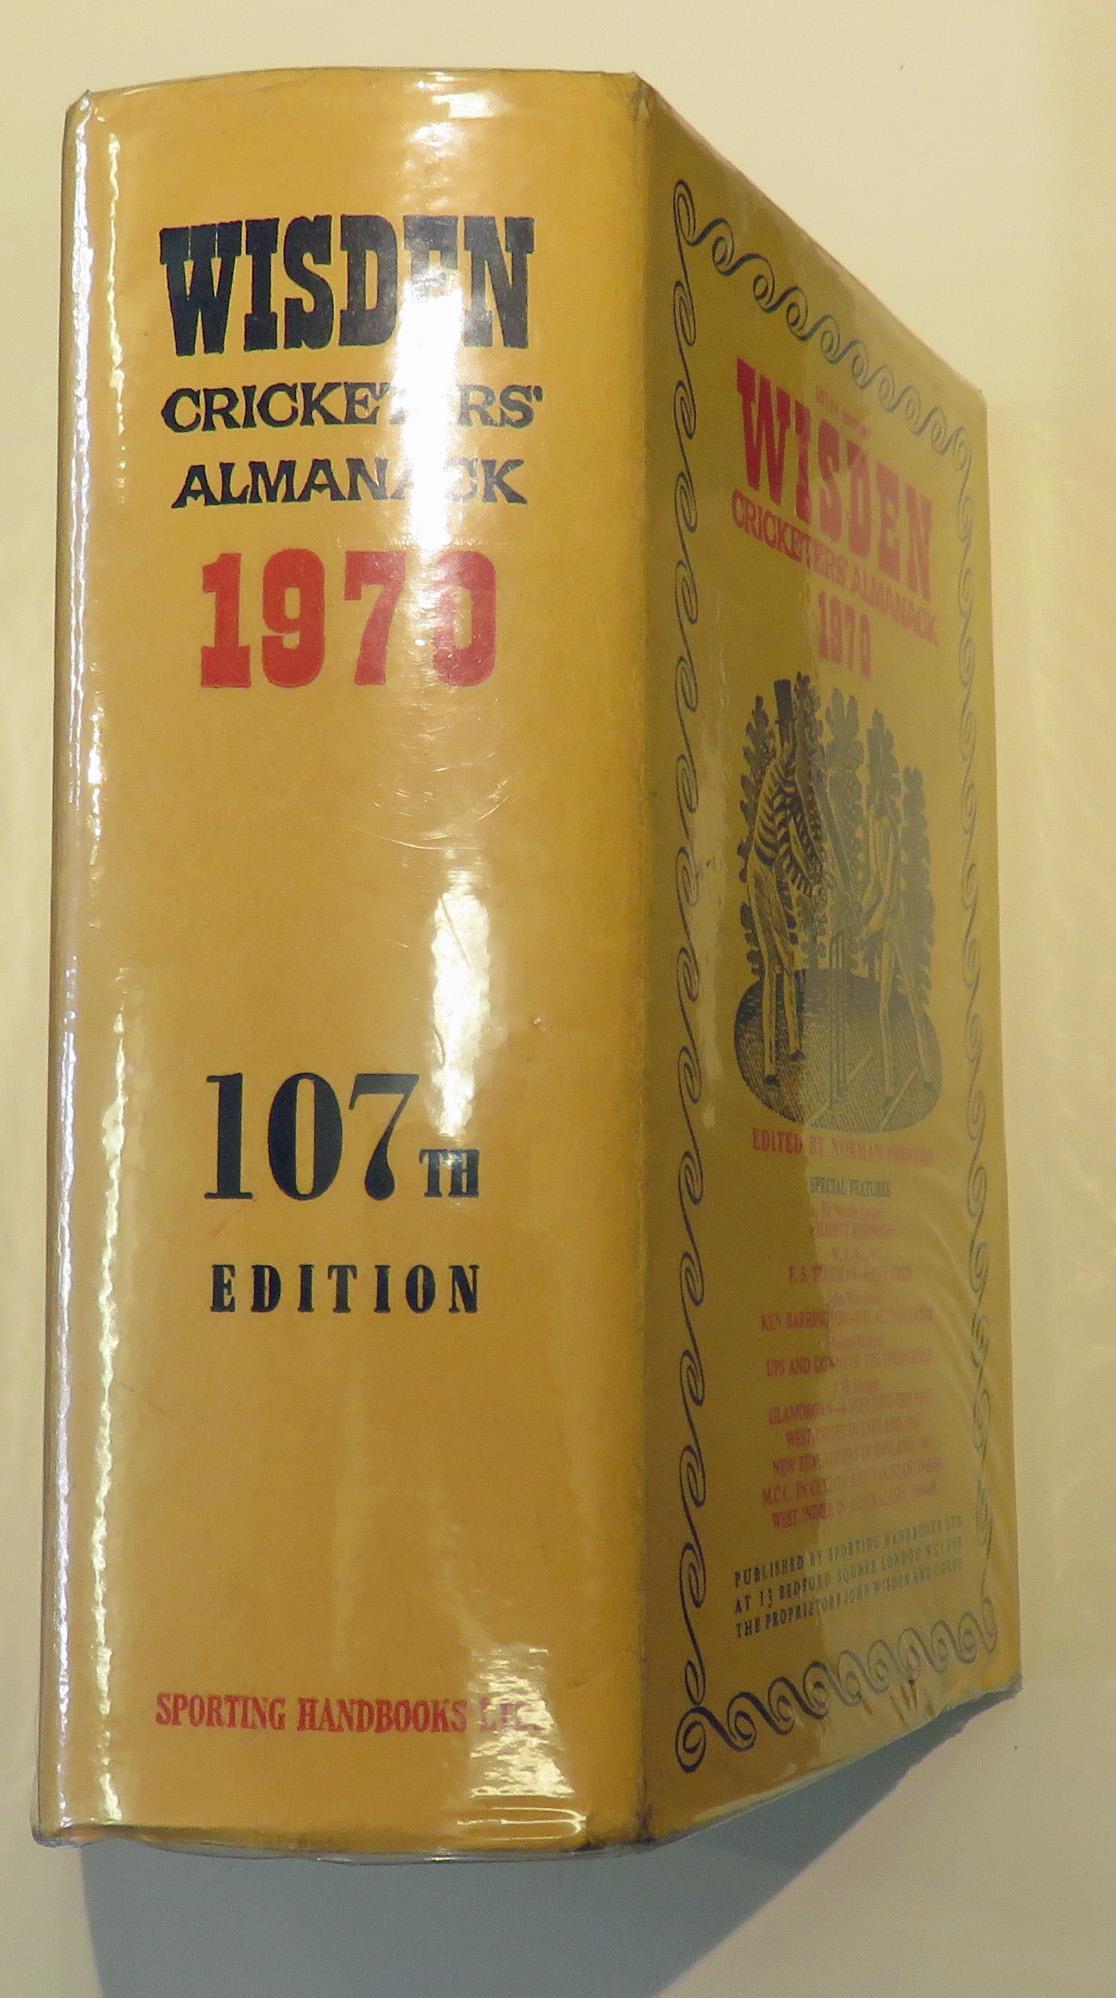 Wisden Cricketers' Almanack 1971